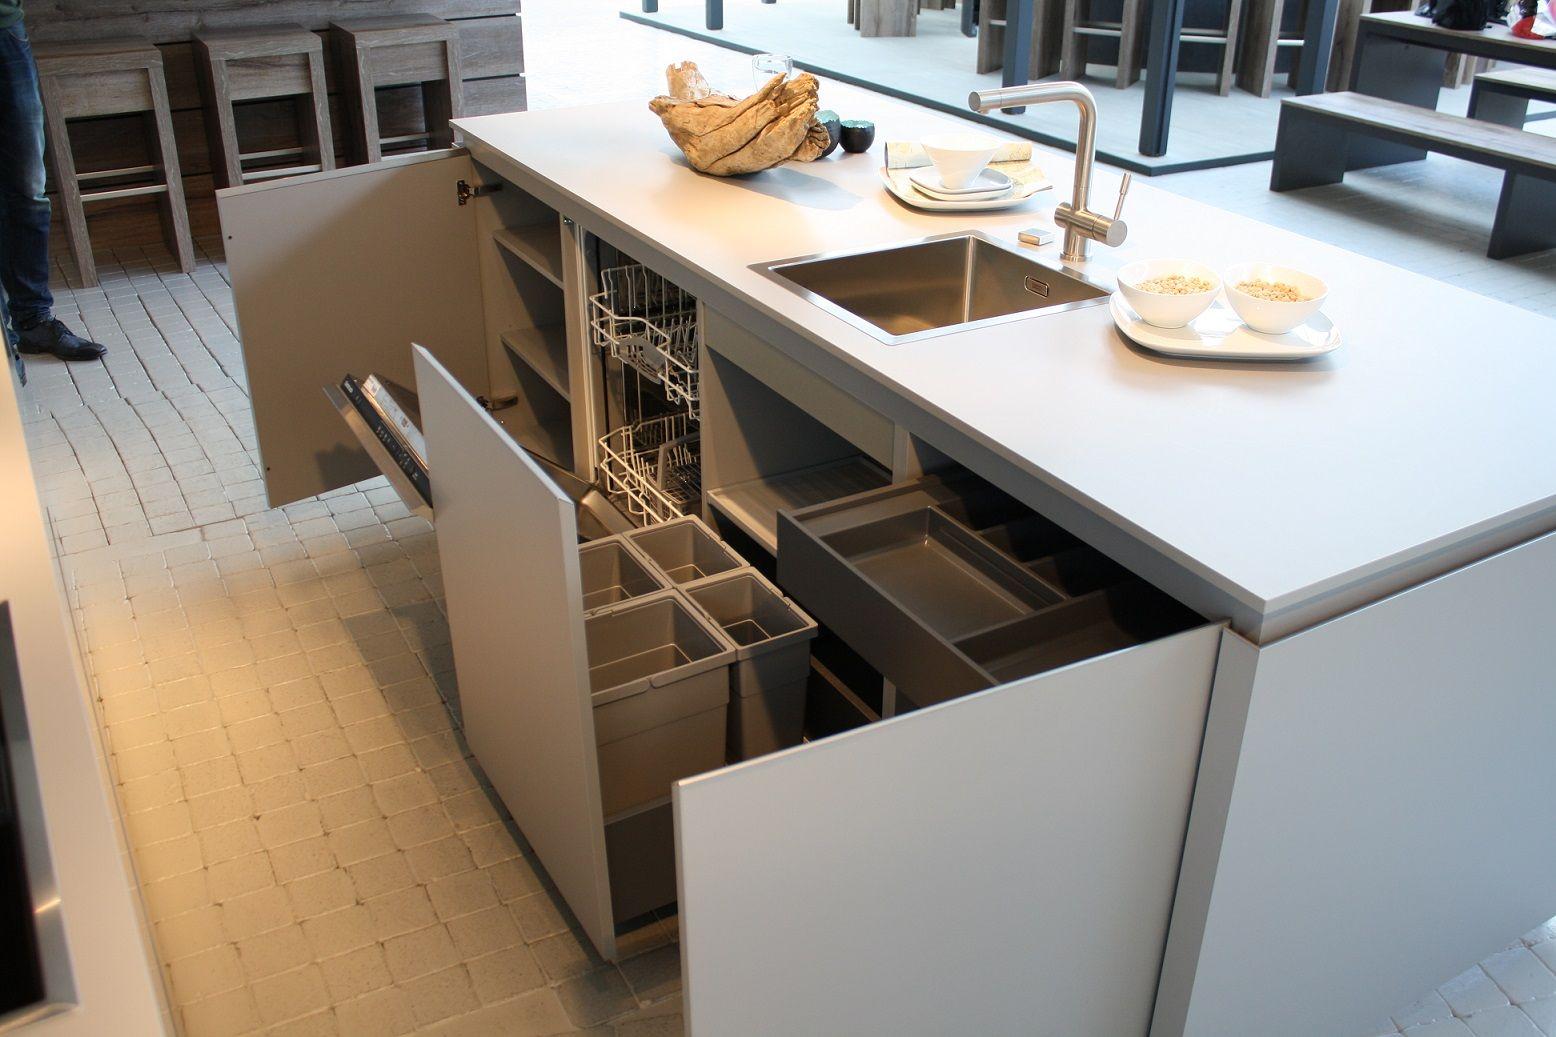 Hoekkeuken Eiland : Showroomuitverkoop nl Moderne eiland keuken 1 5 [51019]